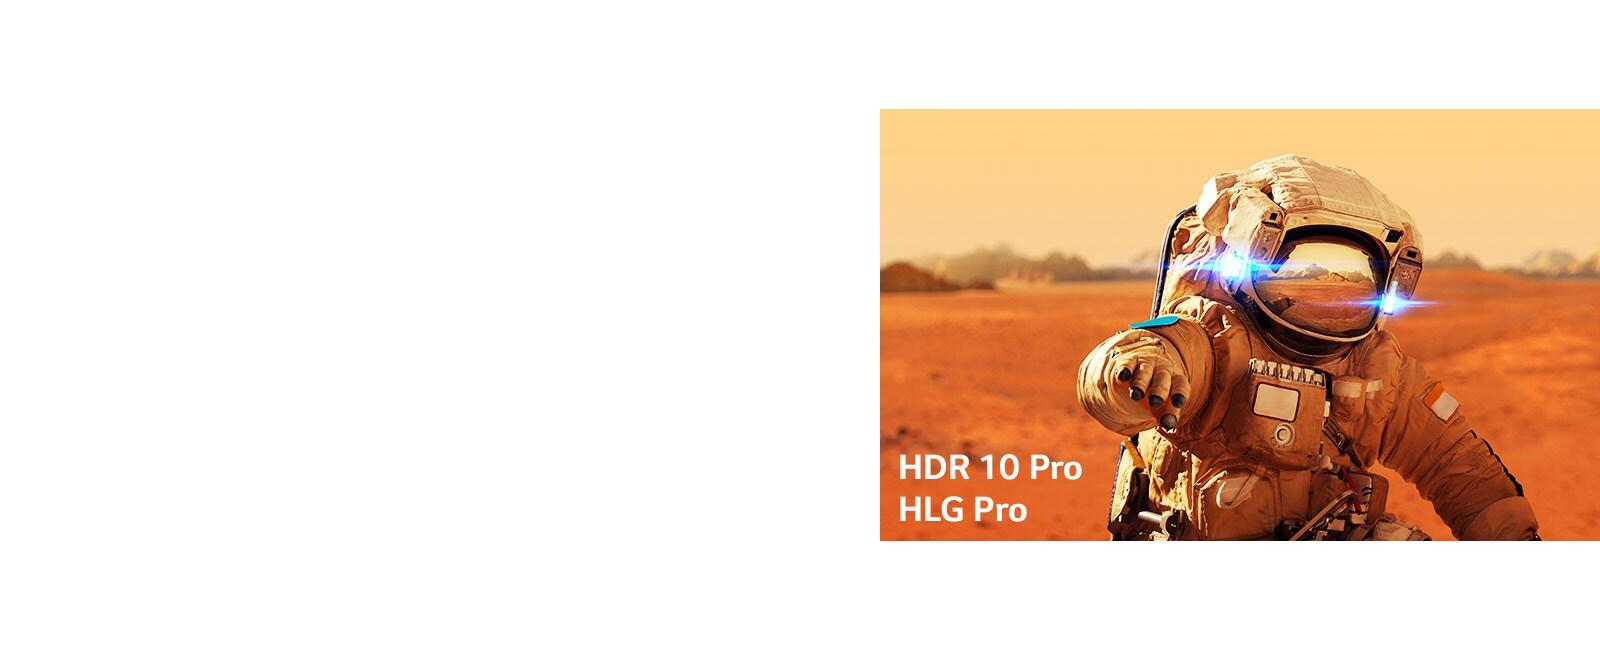 صيغ HDR الرئيسية الخاضعة للترقية